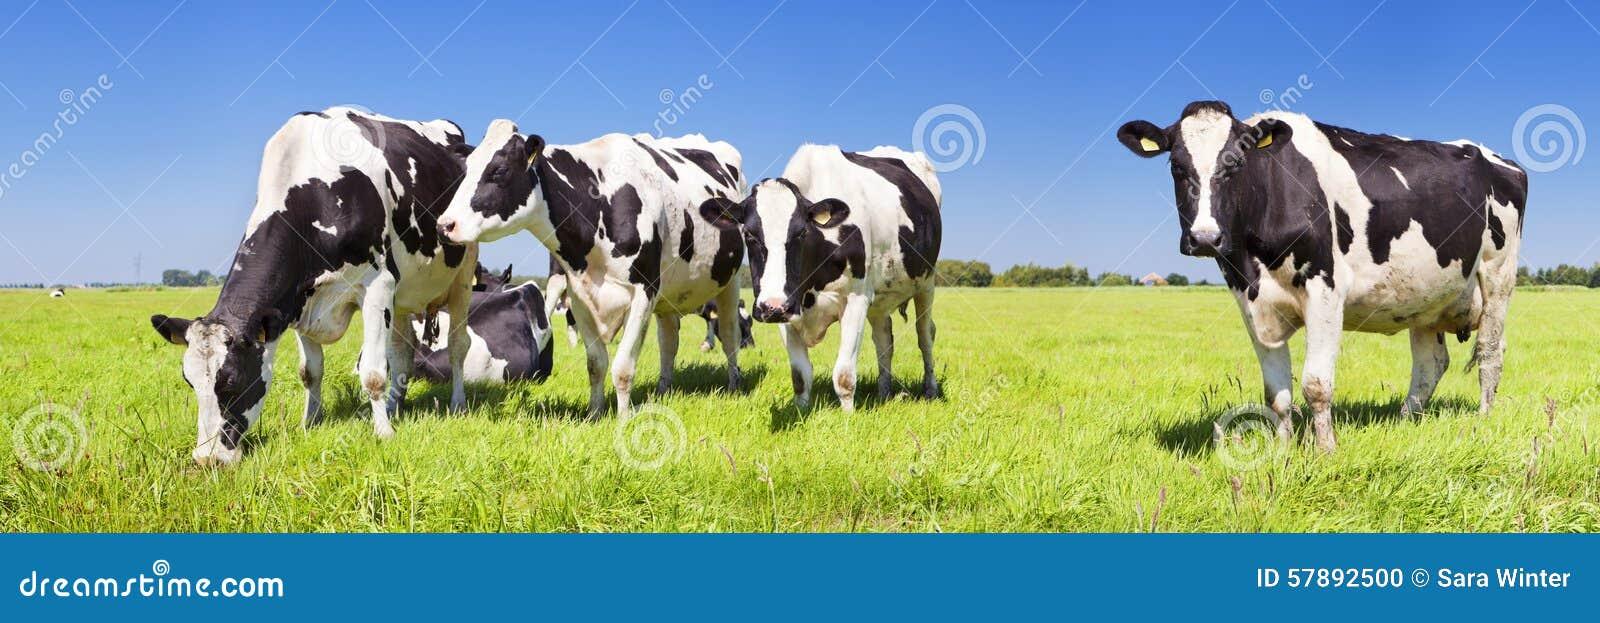 Mucche in un campo erboso fresco un chiaro giorno